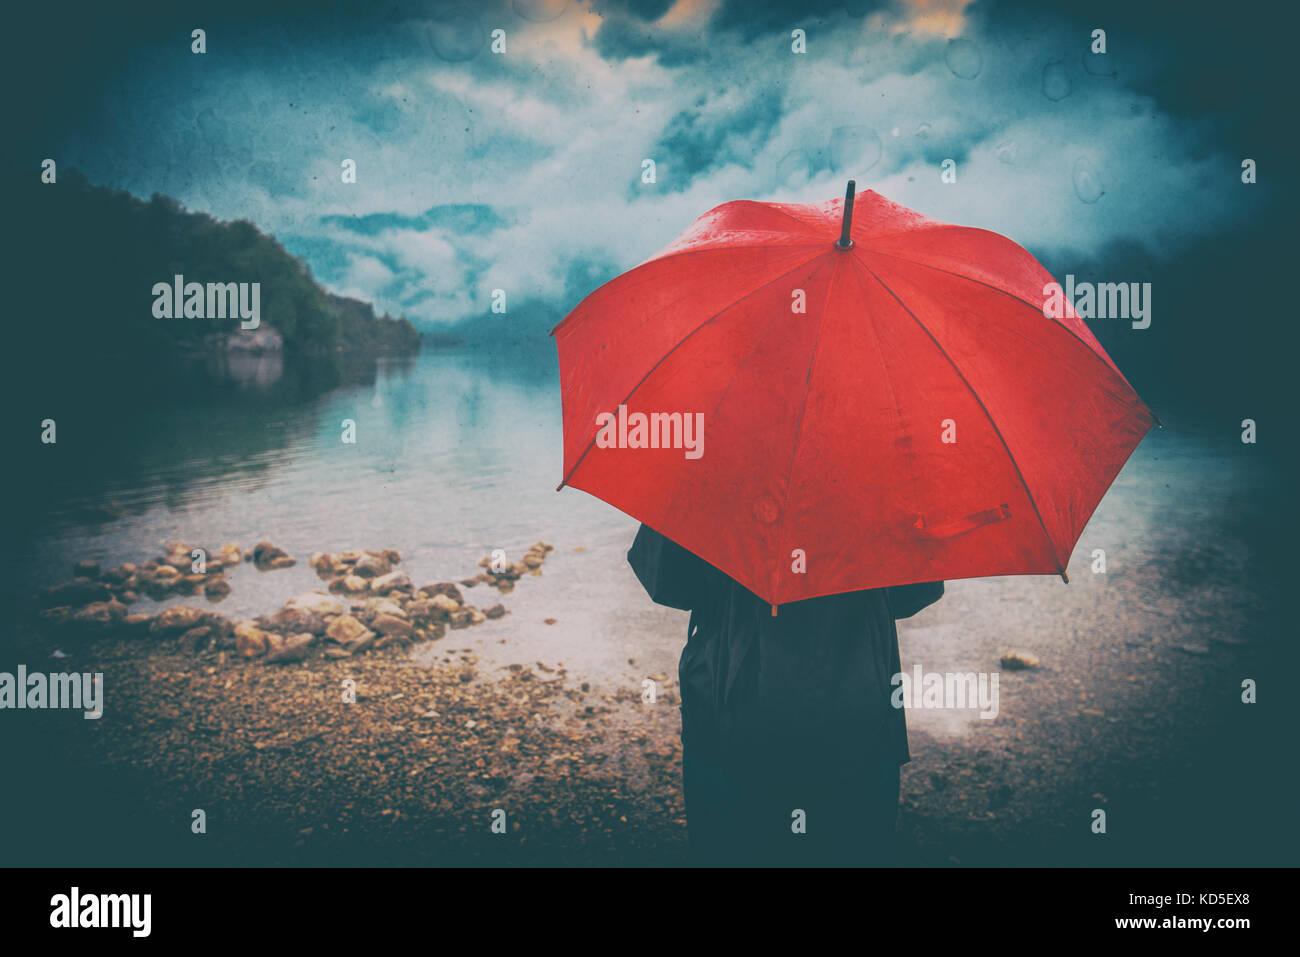 Donna con ombrello rosso contempla nella pioggia di fronte ad un lago. triste e solitario persona femmina cercando Immagini Stock